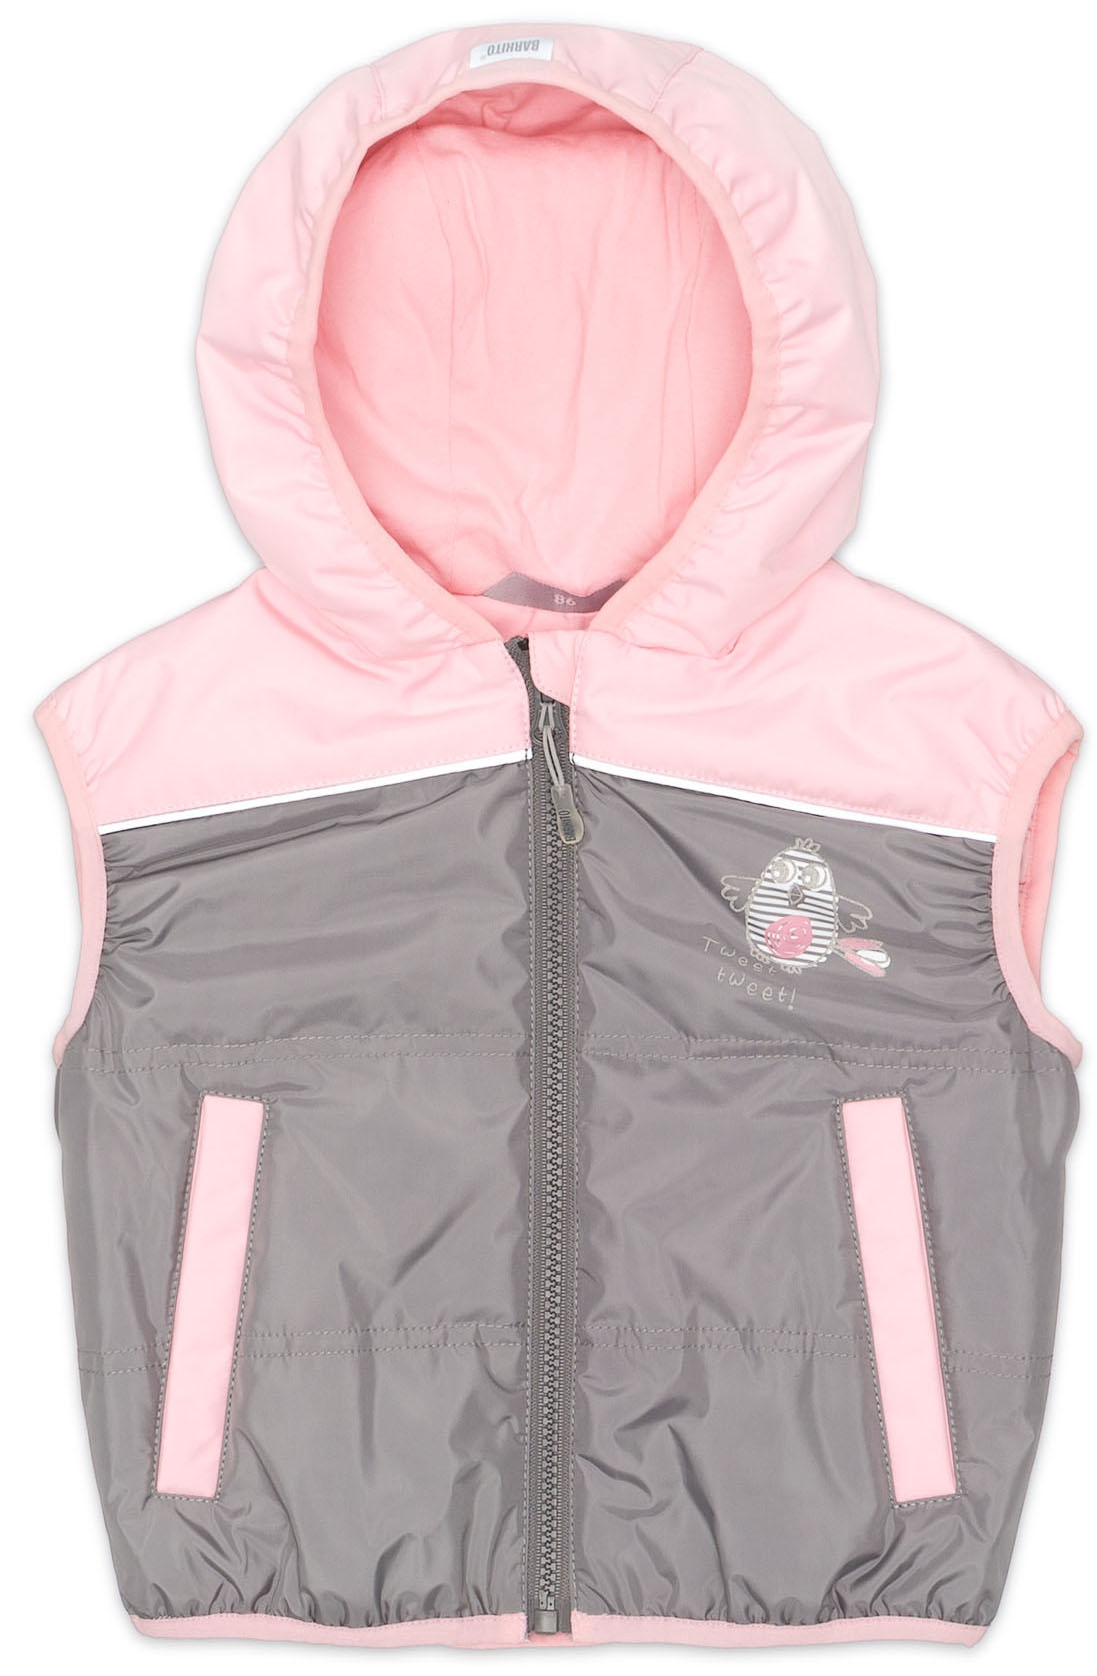 Жилеты Barkito Жилет для девочки Barkito, розово-серый корабельные оптические системы связи